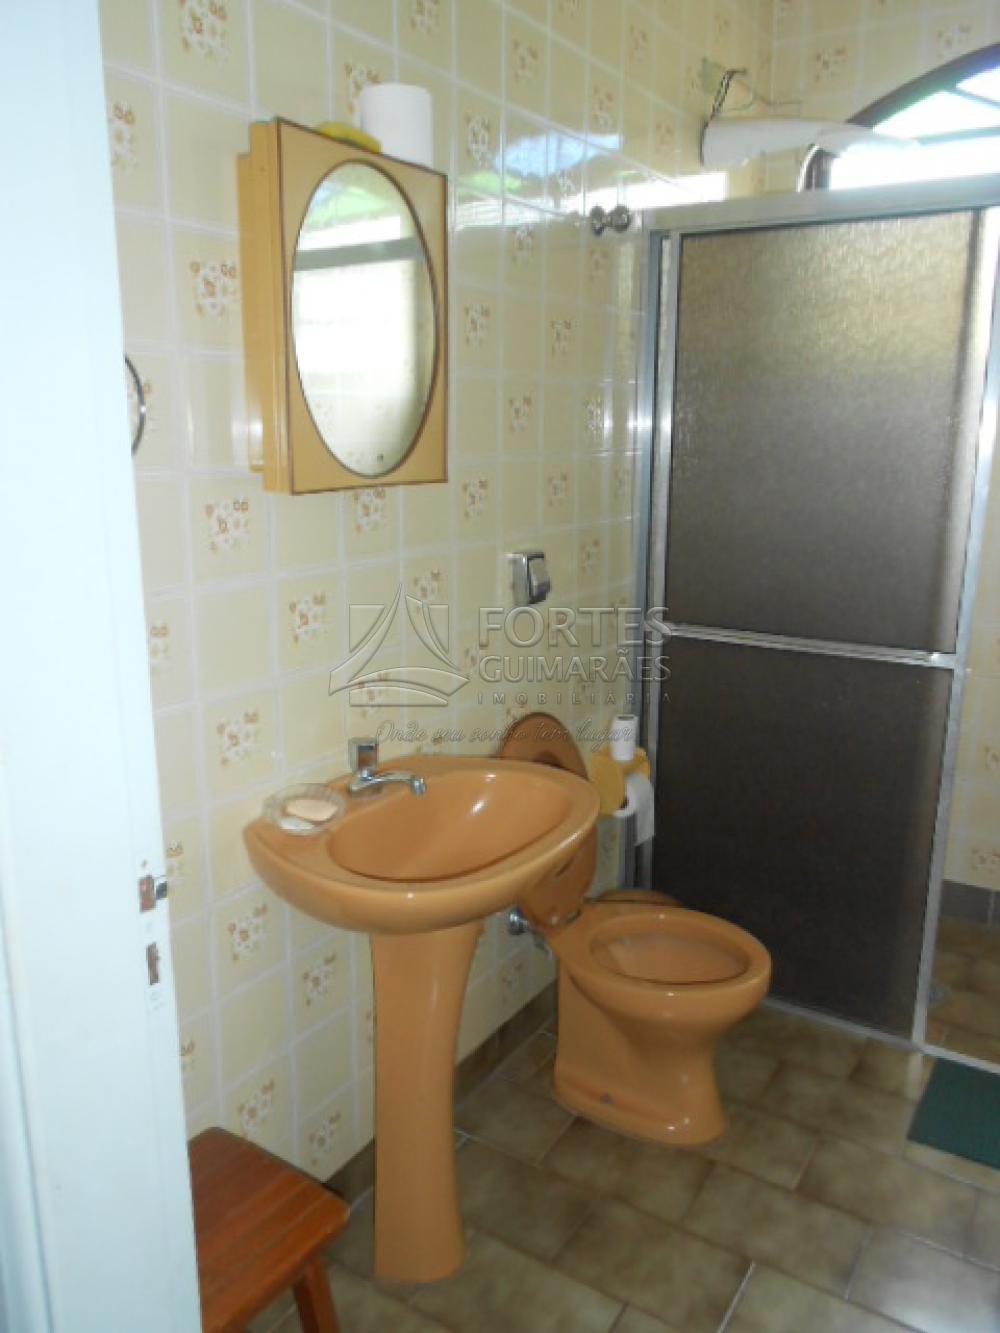 Alugar Casas / Condomínio em Jardinópolis apenas R$ 2.500,00 - Foto 21